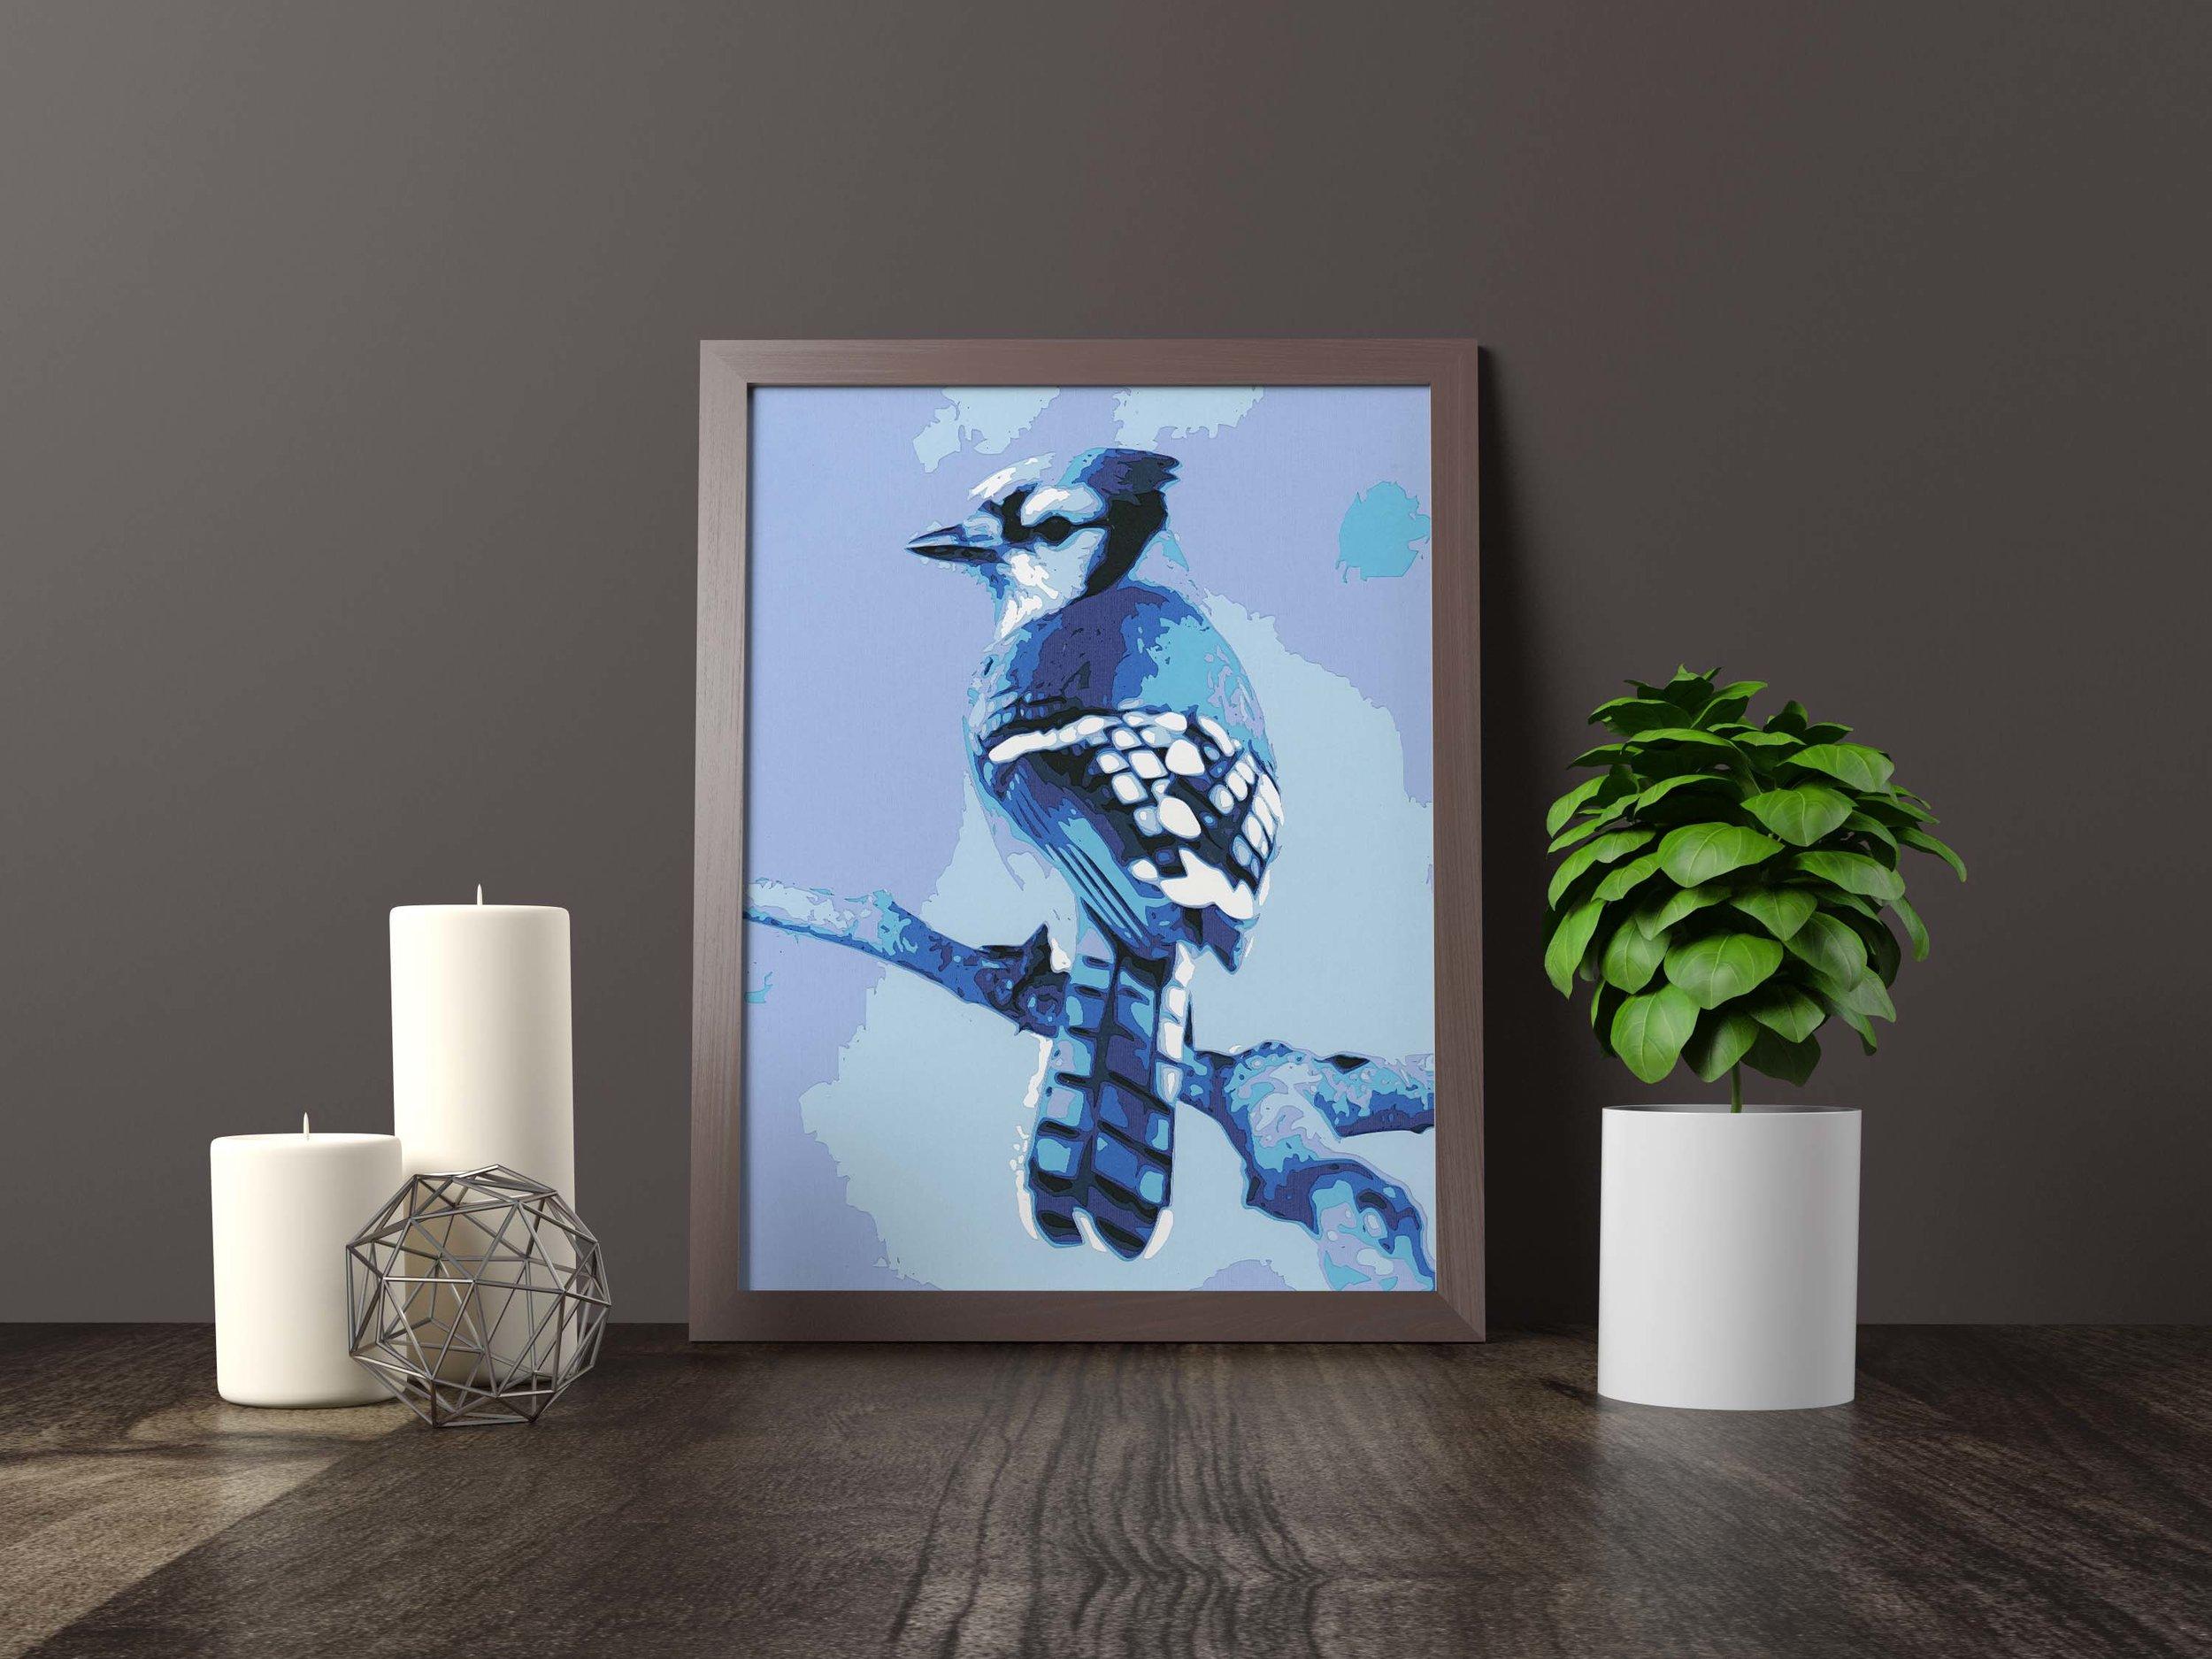 Blue Jay - Original *FOR SALE*11